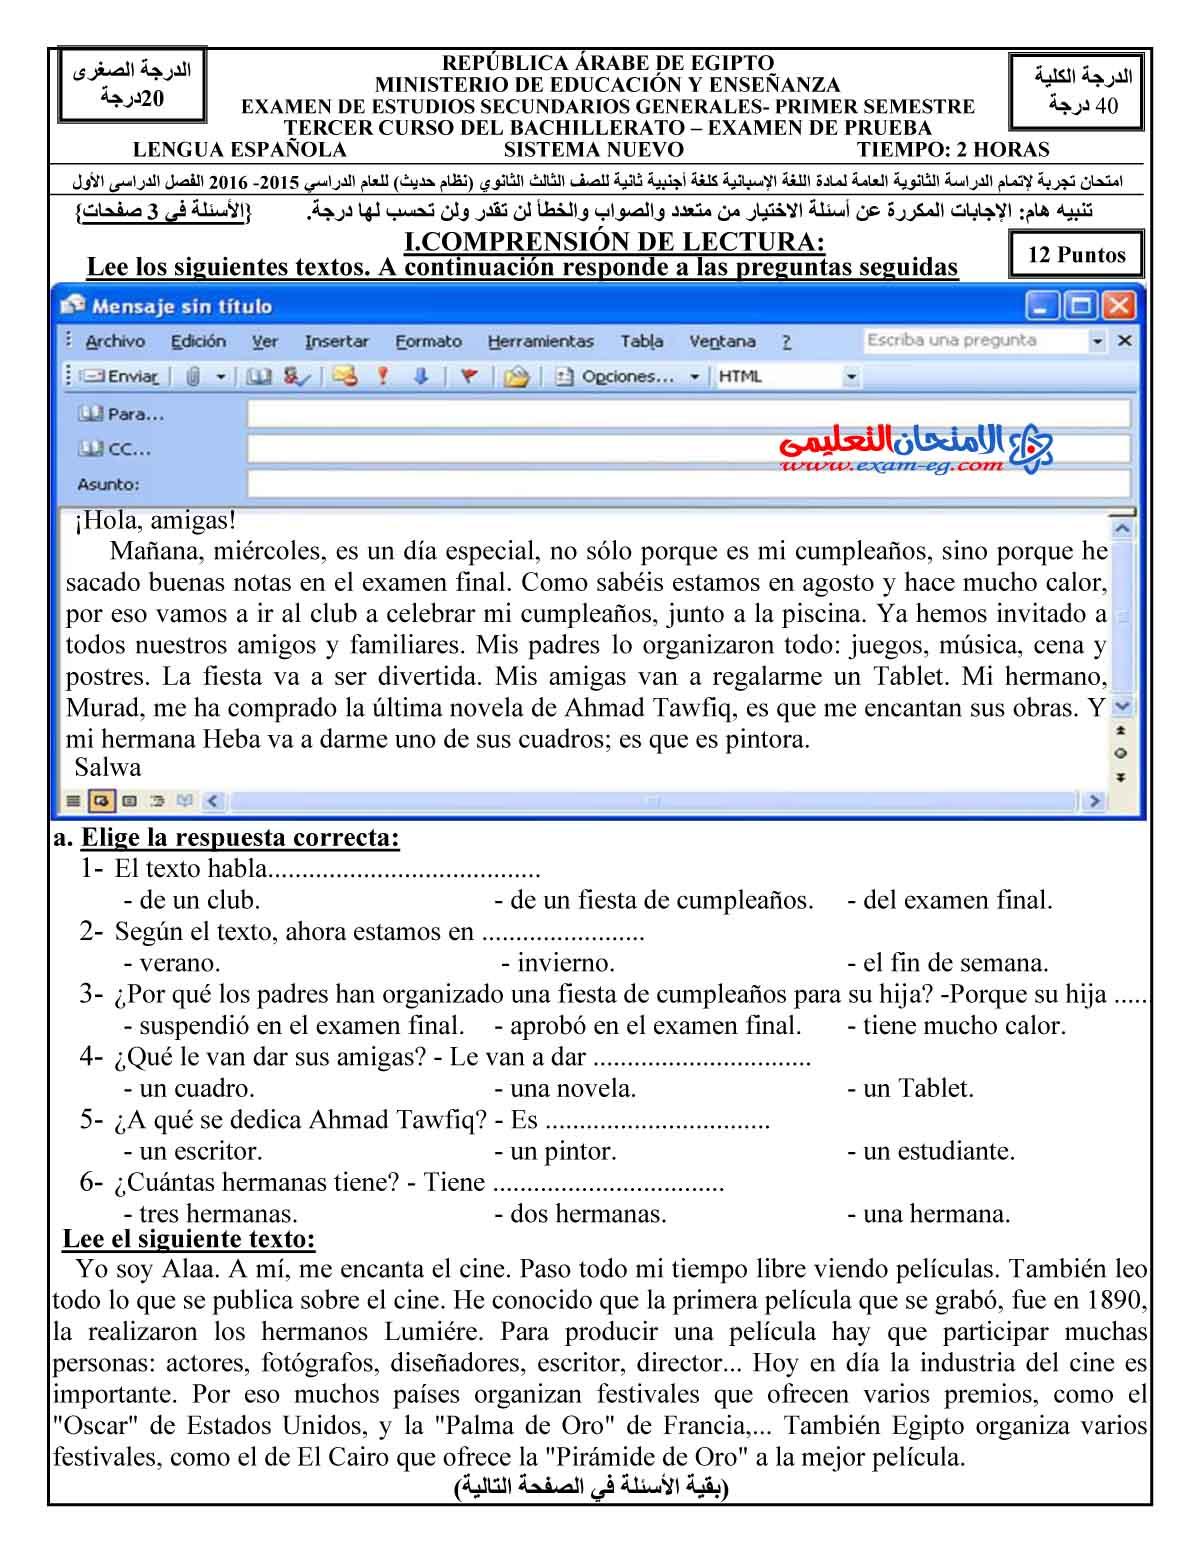 لغة اسبانية 2 - مدرسة اون لاين-1